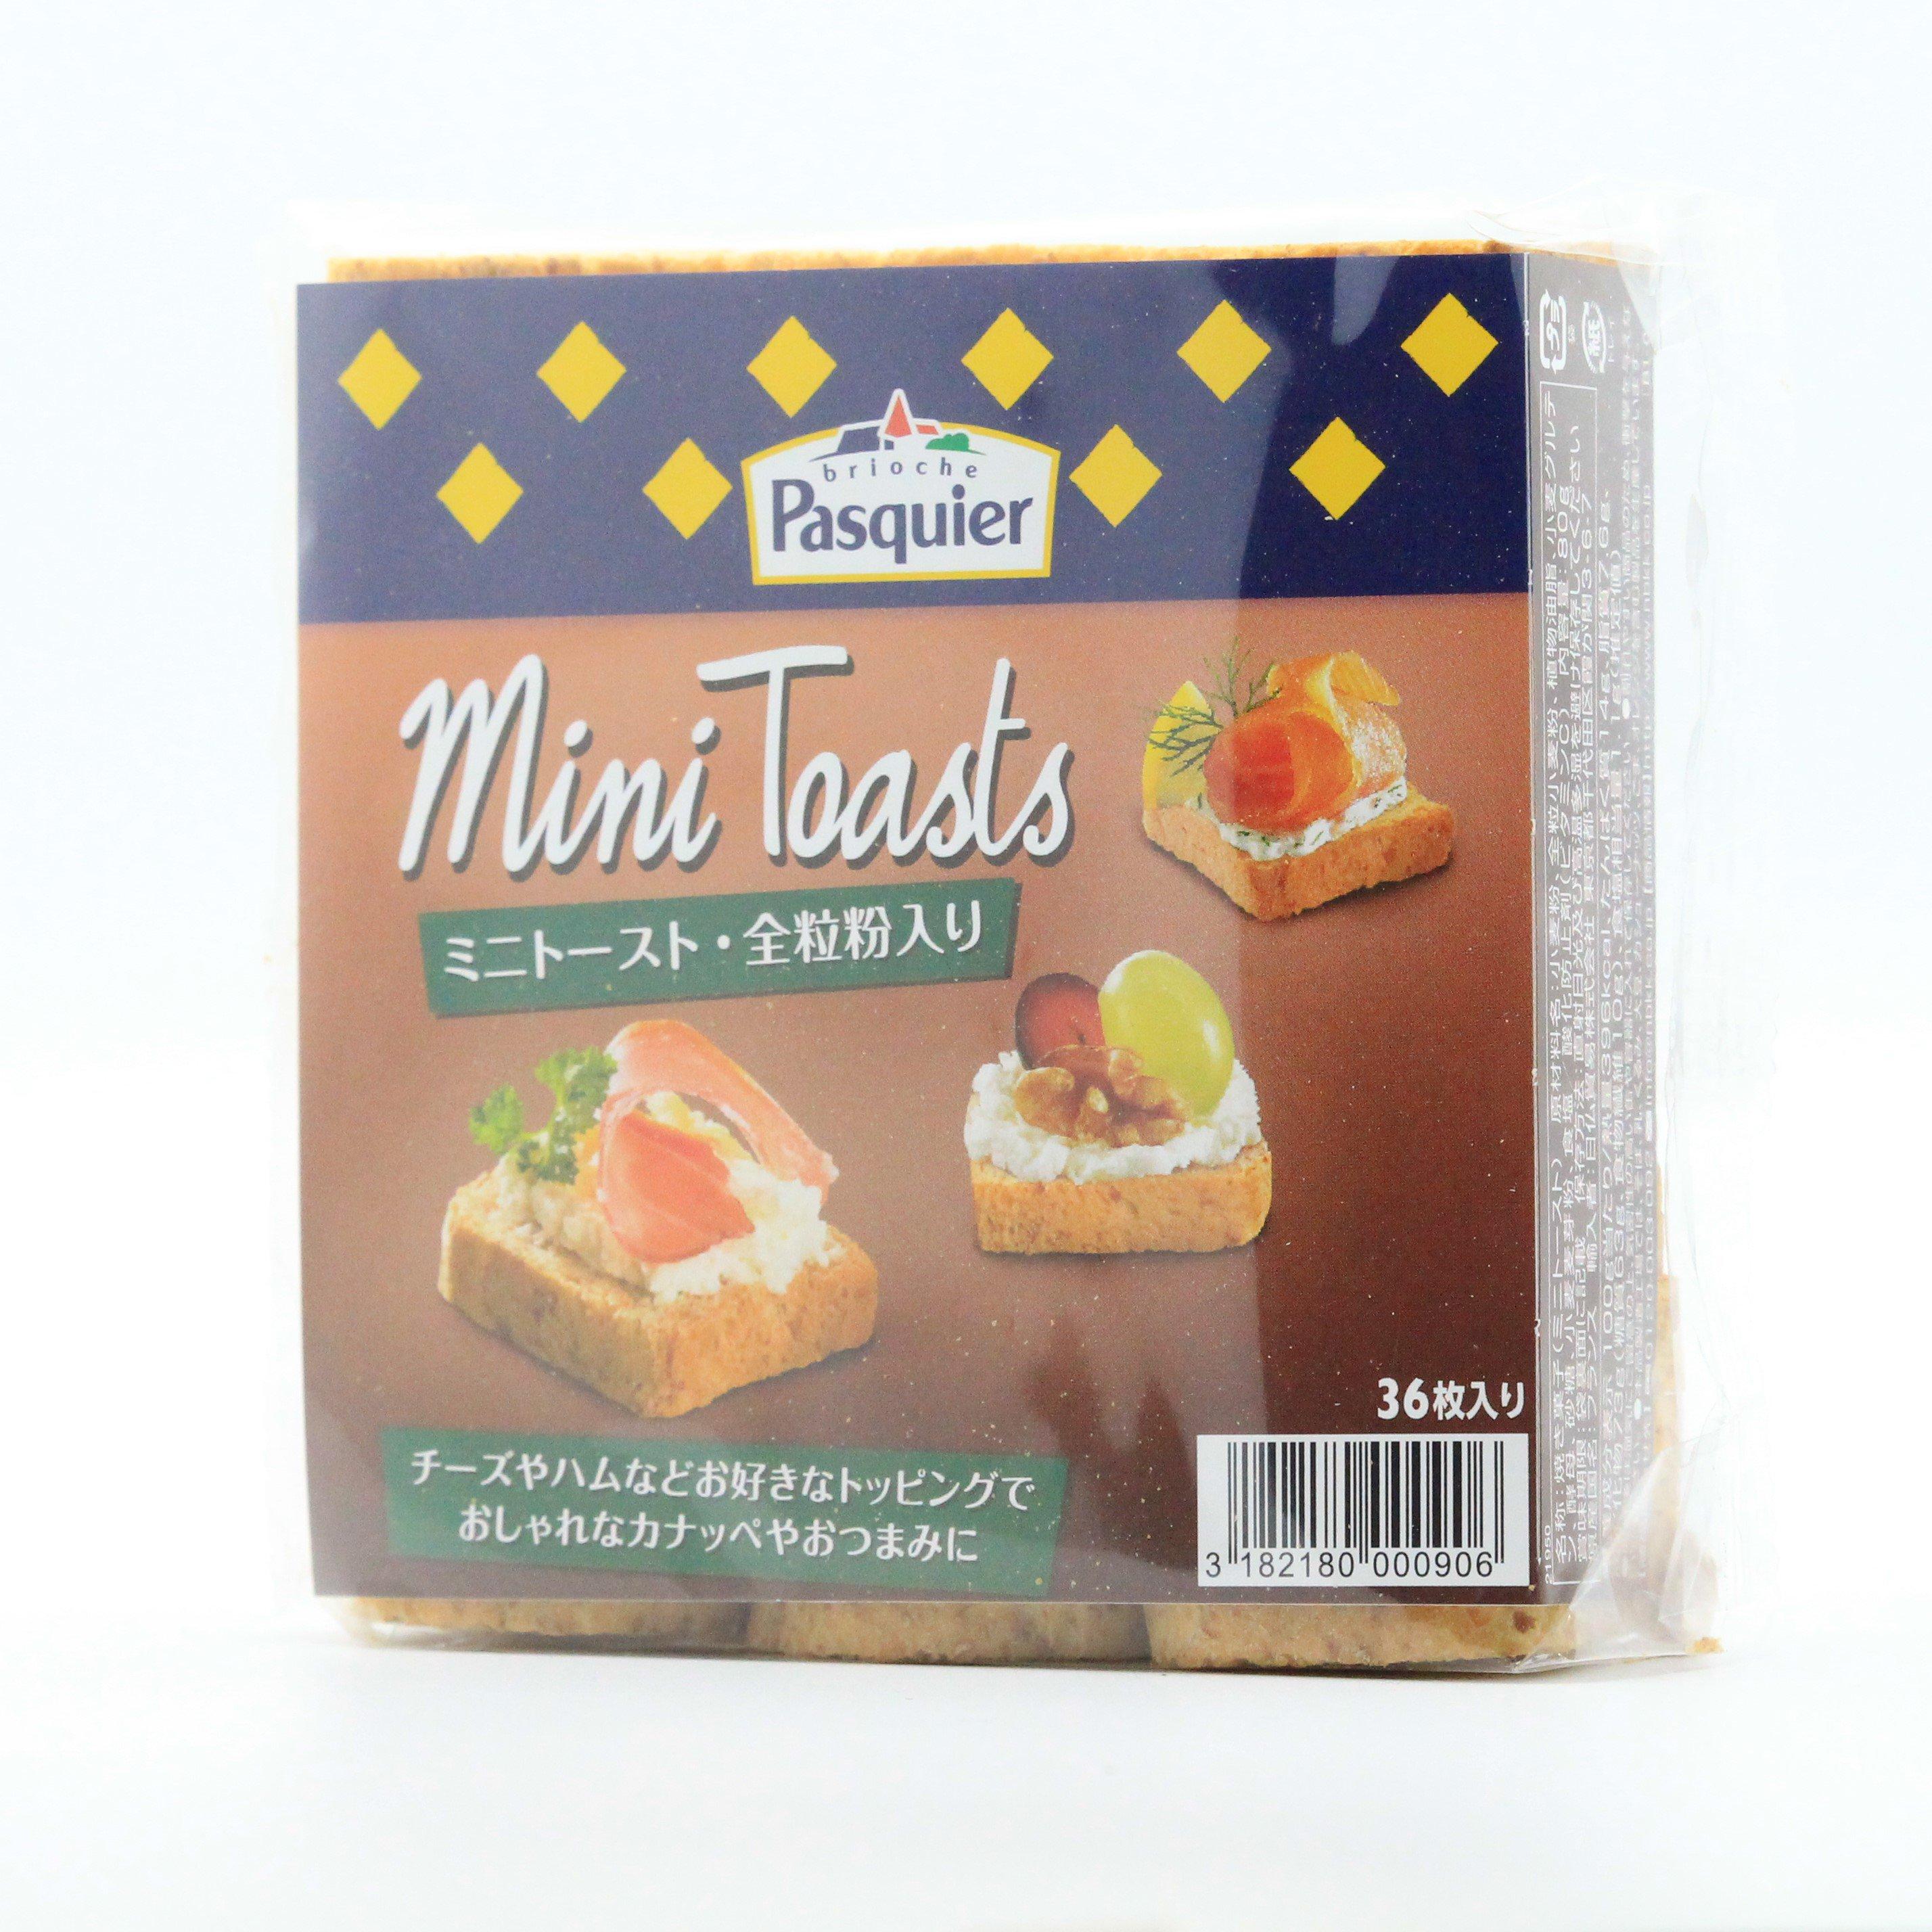 ブリオッシュ・パスキエ/ミニ・トースト(全粒粉入り)80g・36枚入り